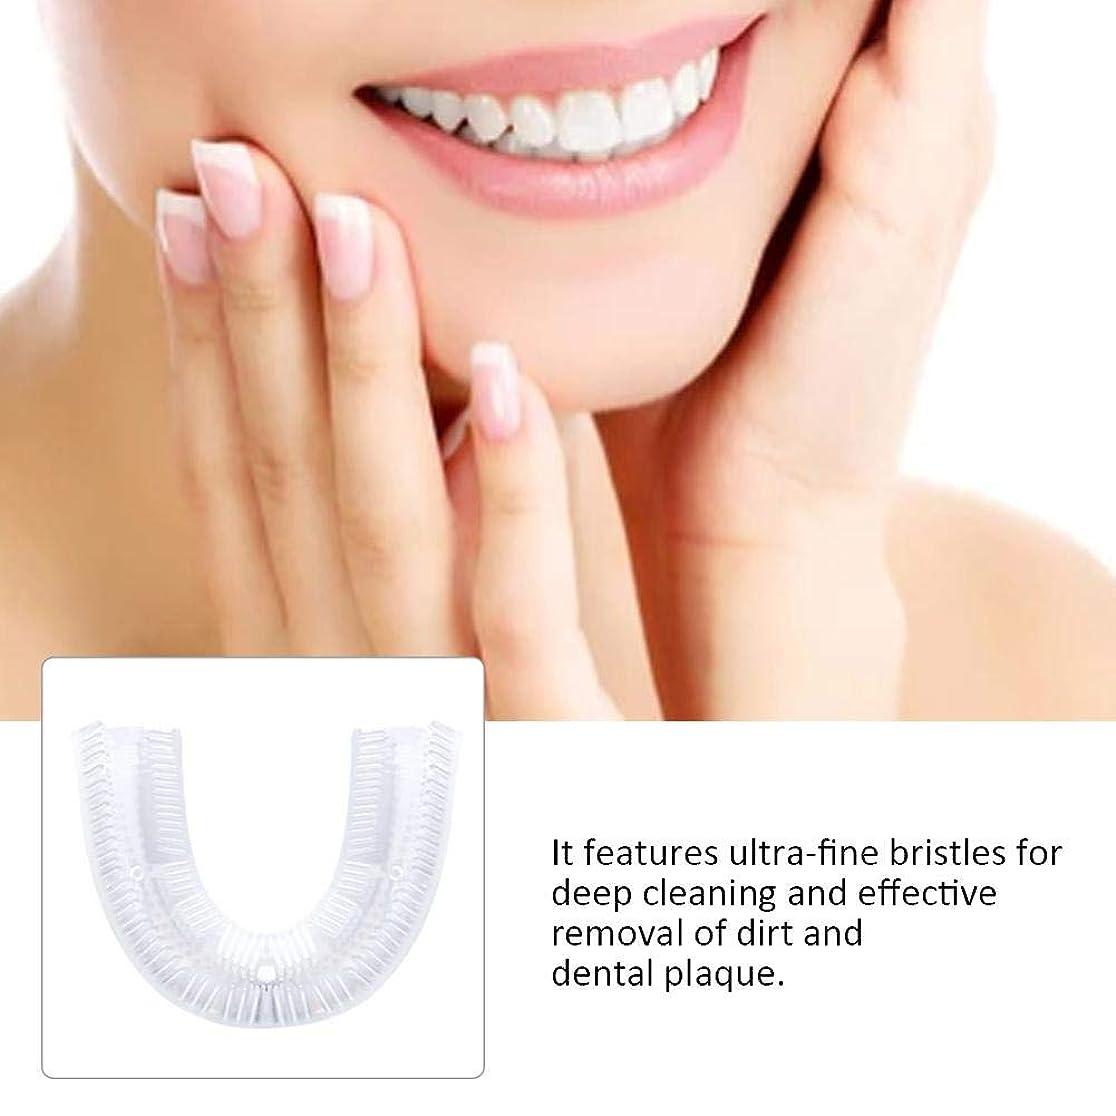 叱るスズメバチ過激派PUERI U型シリコーン歯ブラシ 電動歯ブラシ 360°全方位 ホワイトニング 白い歯 シリコンブラシヘッド 口臭防止 歯周病防止 食べカス取る歯健康守り 歯間洗浄器